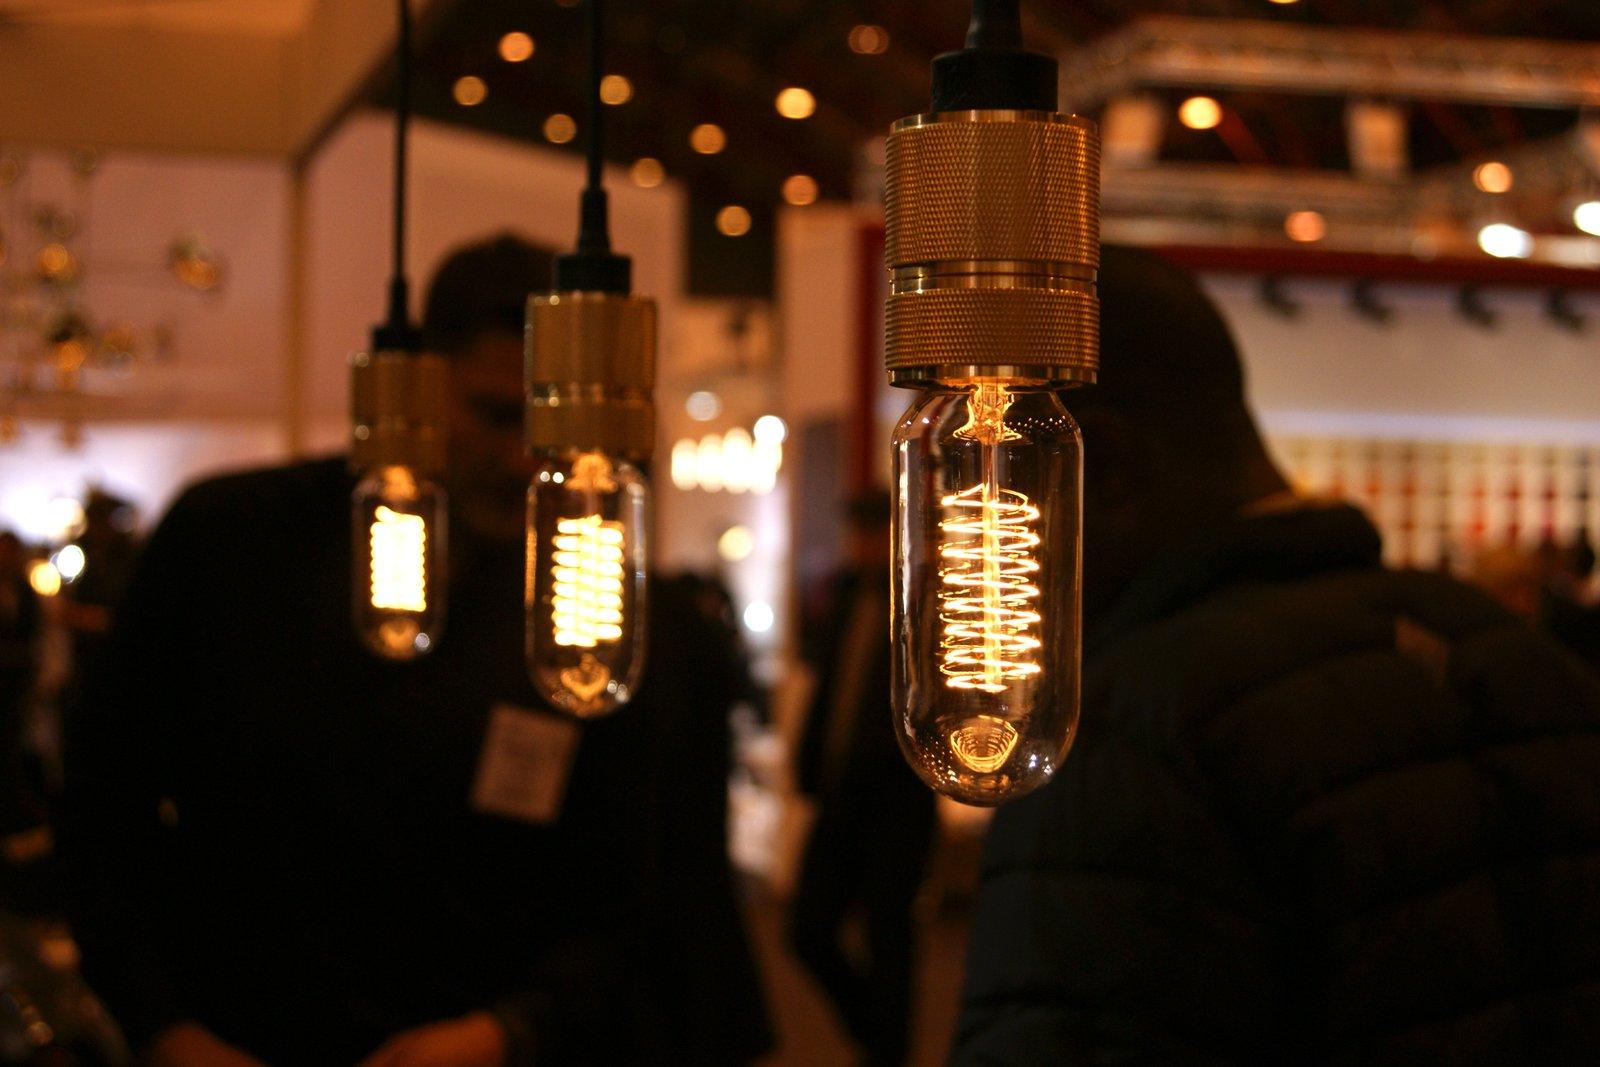 #lighting #modern #moderndesign #design #interior #buster+punch #filament #edison #bulb #pendantlamp #londondesignfestival #2013 #trends  #teardrops   Interesting lights from Light